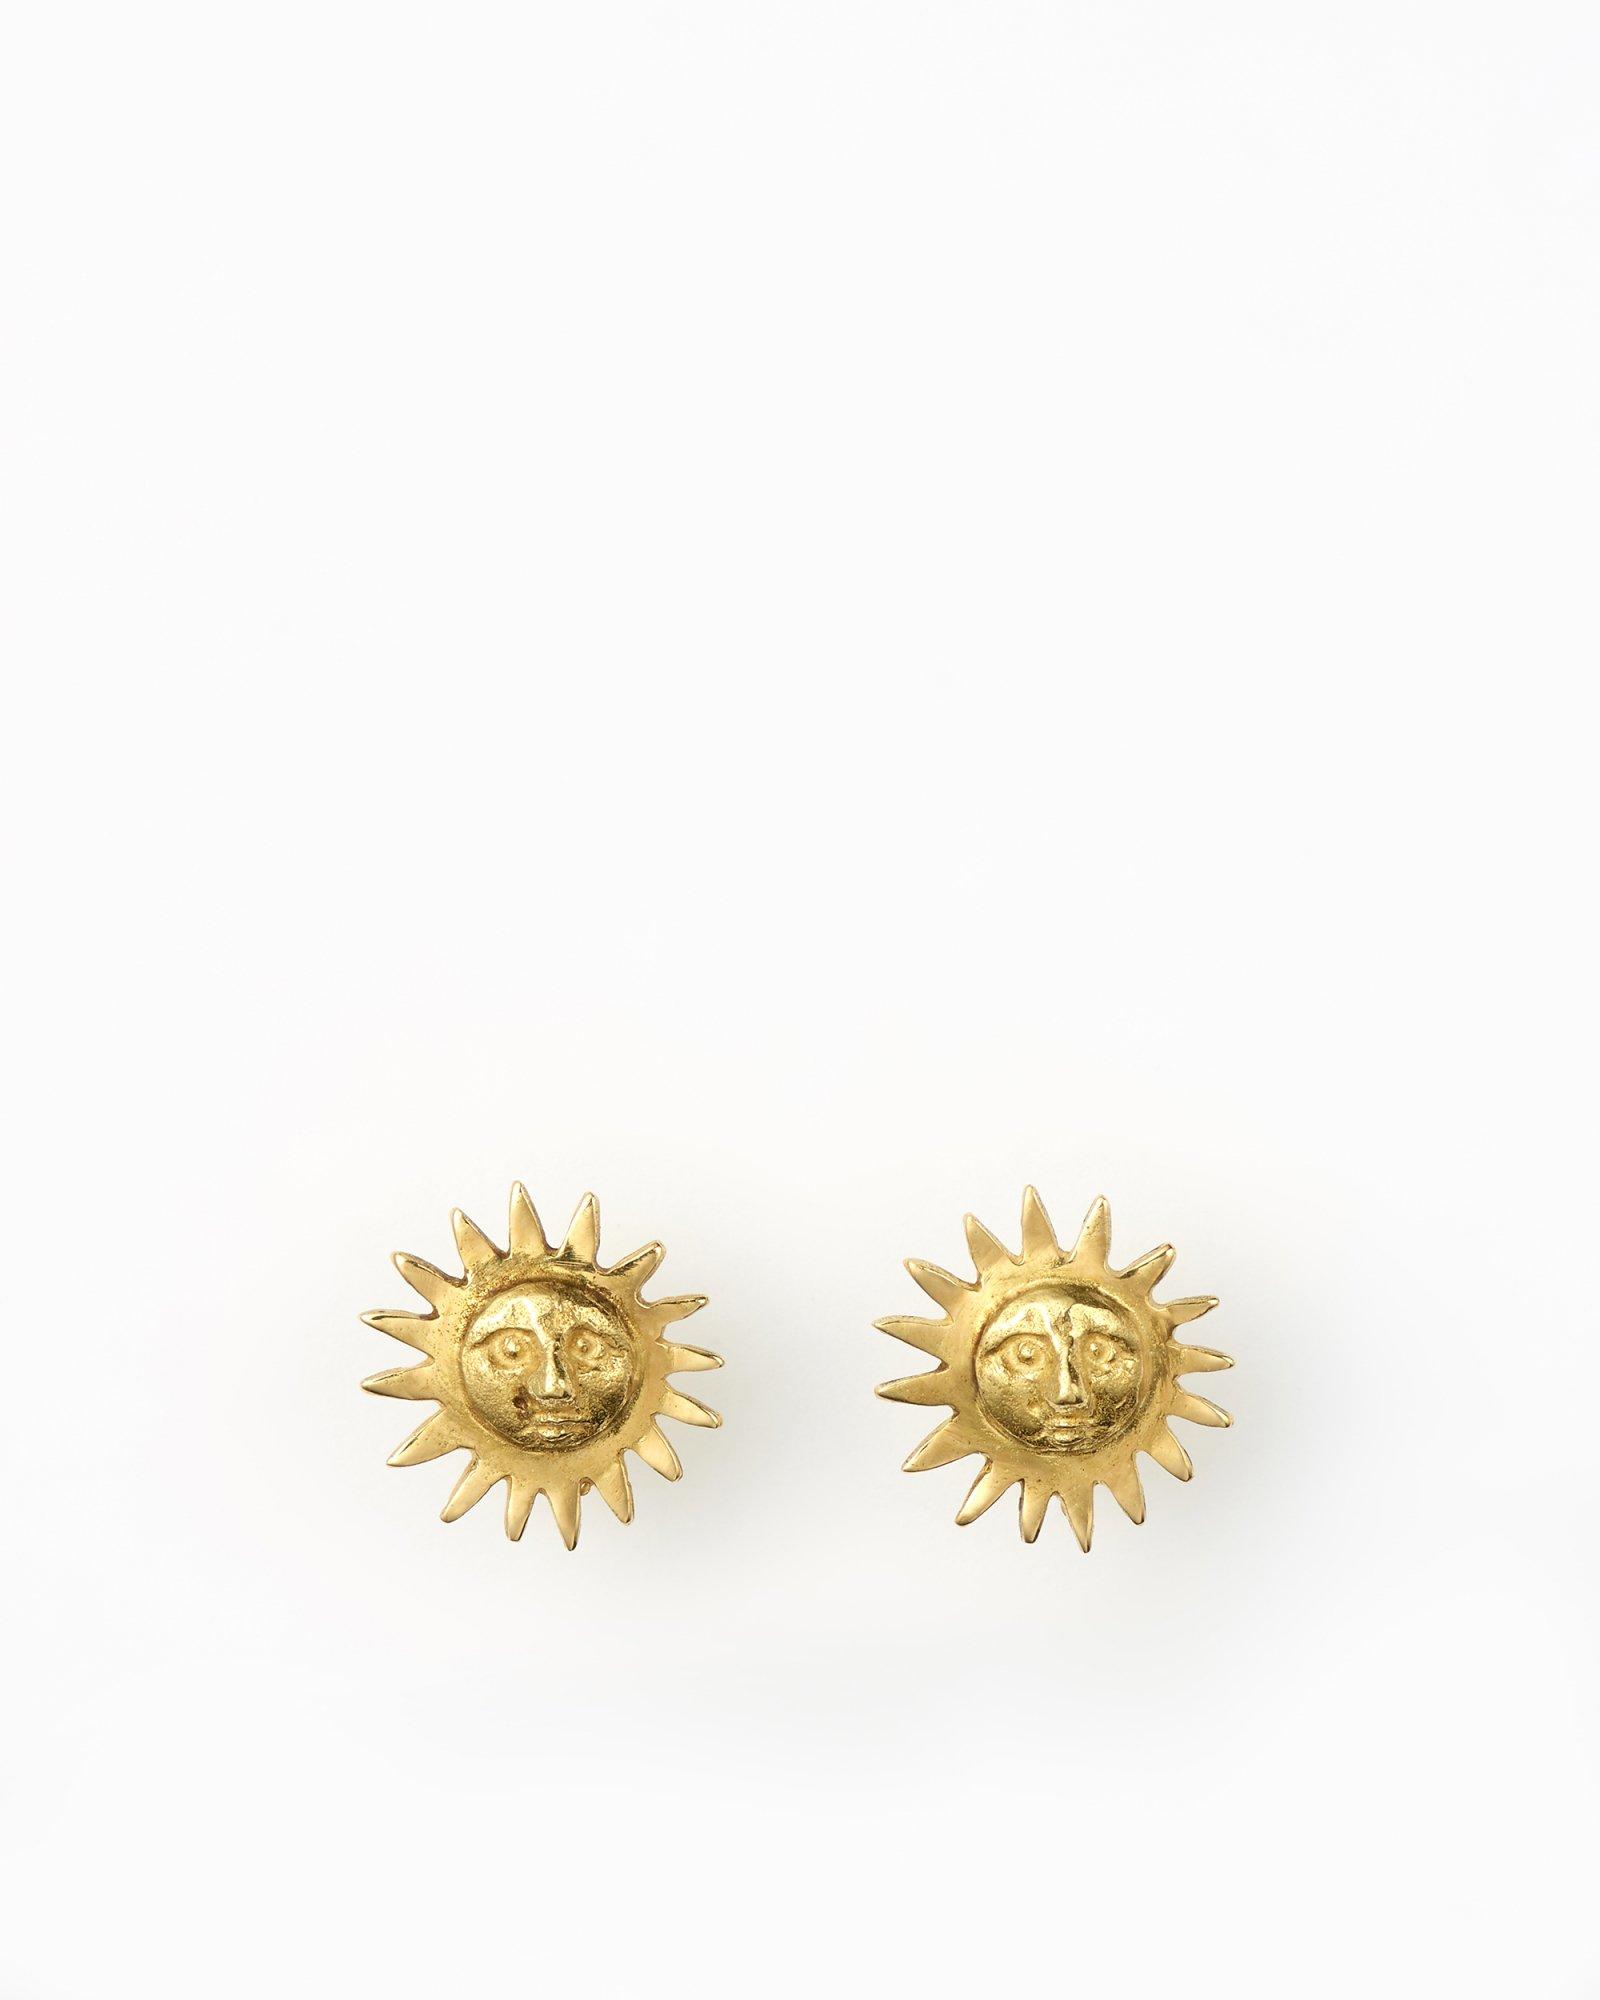 HELIOS / Helios earrings / 在庫商品